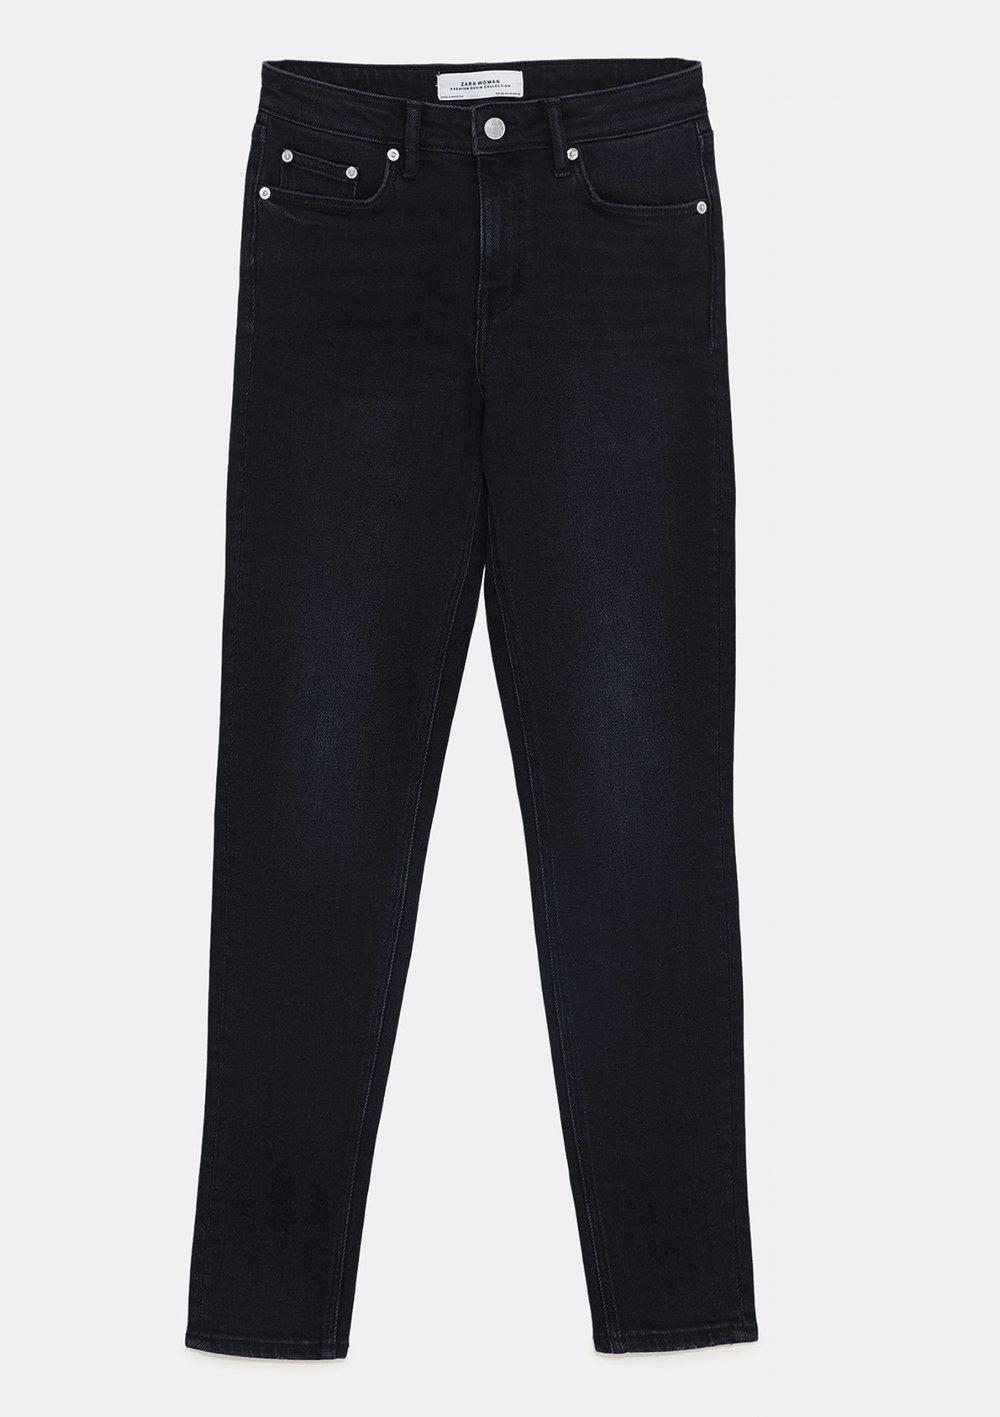 zara skinny jeans.jpg